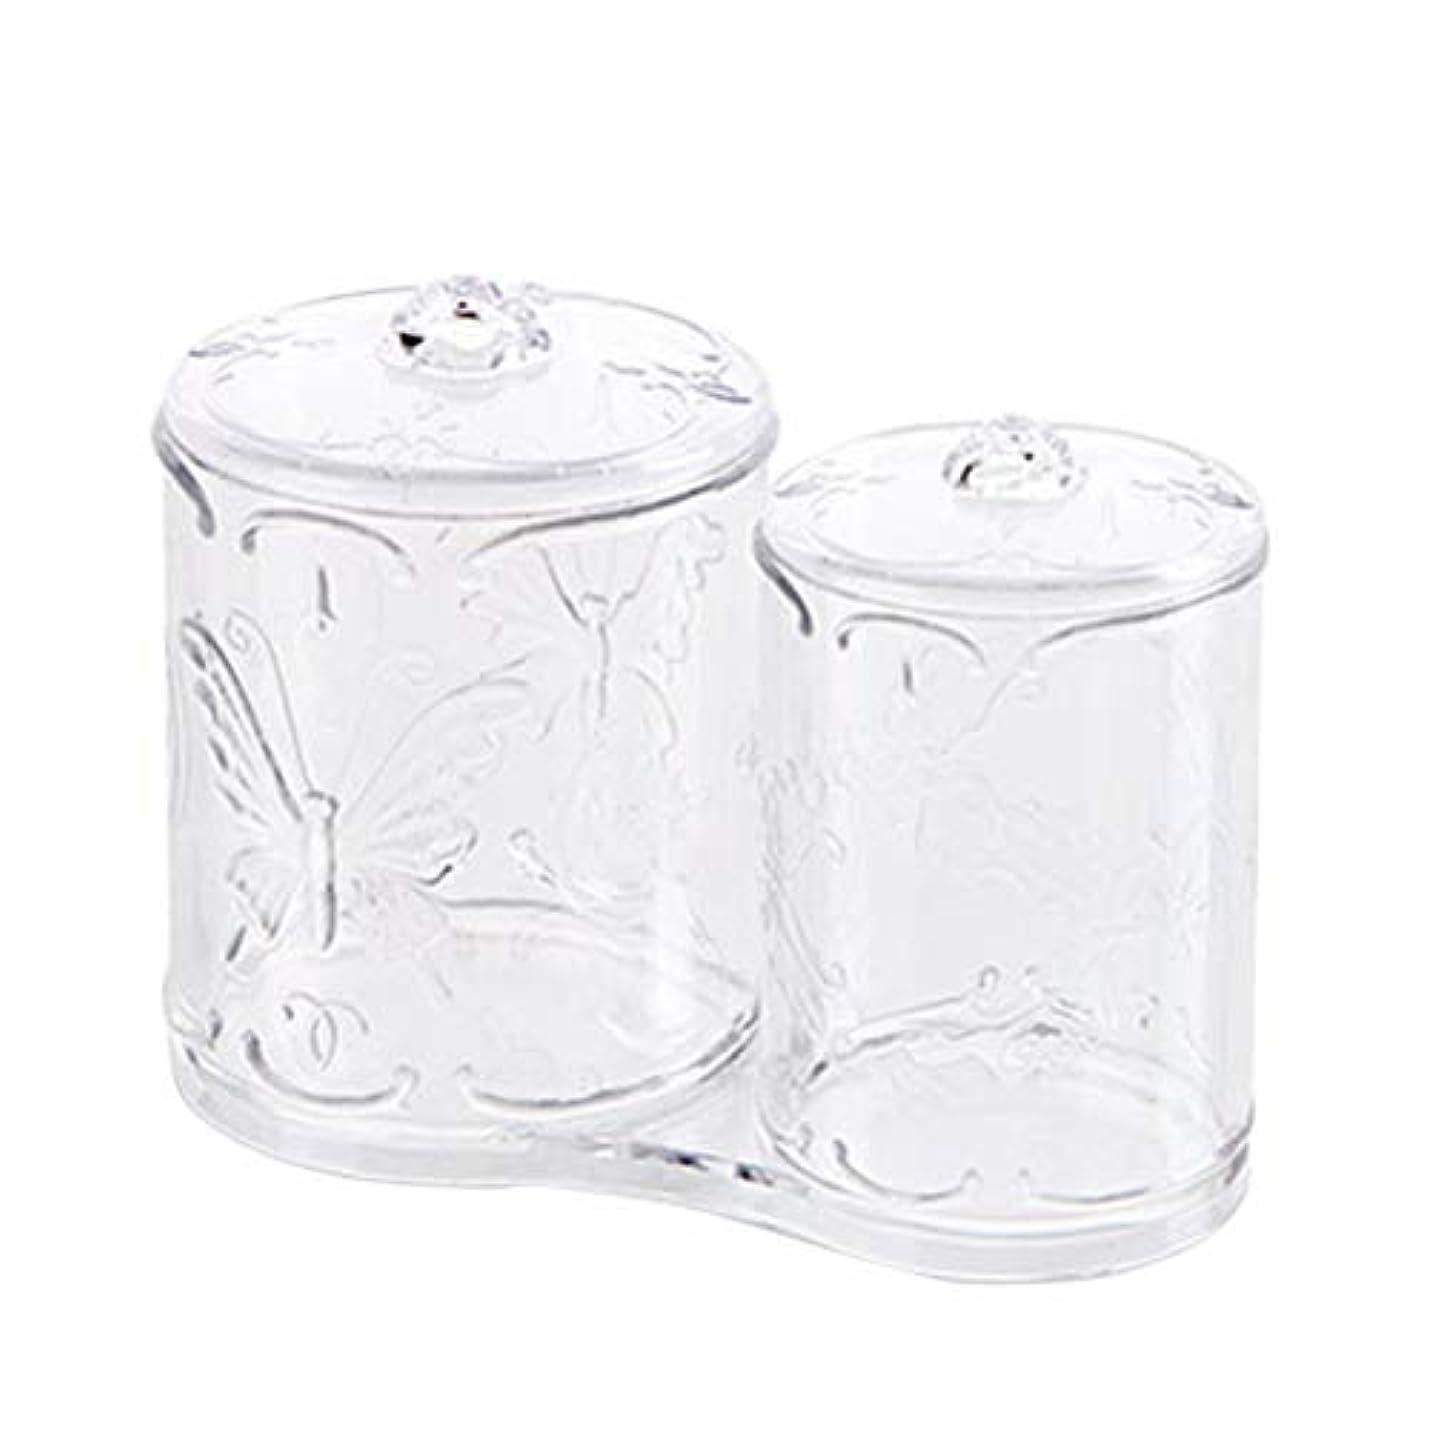 原始的な先行するデコードするOUNONA 綿棒ケース 綿棒ボックス コスメボックス プラスチック 2in1 コットン フタ付き メイクケース パフ 小物 コスメ 化粧品 ジュエリー アクセサリー 収納 多機能 防塵 透明 卓上 浴室